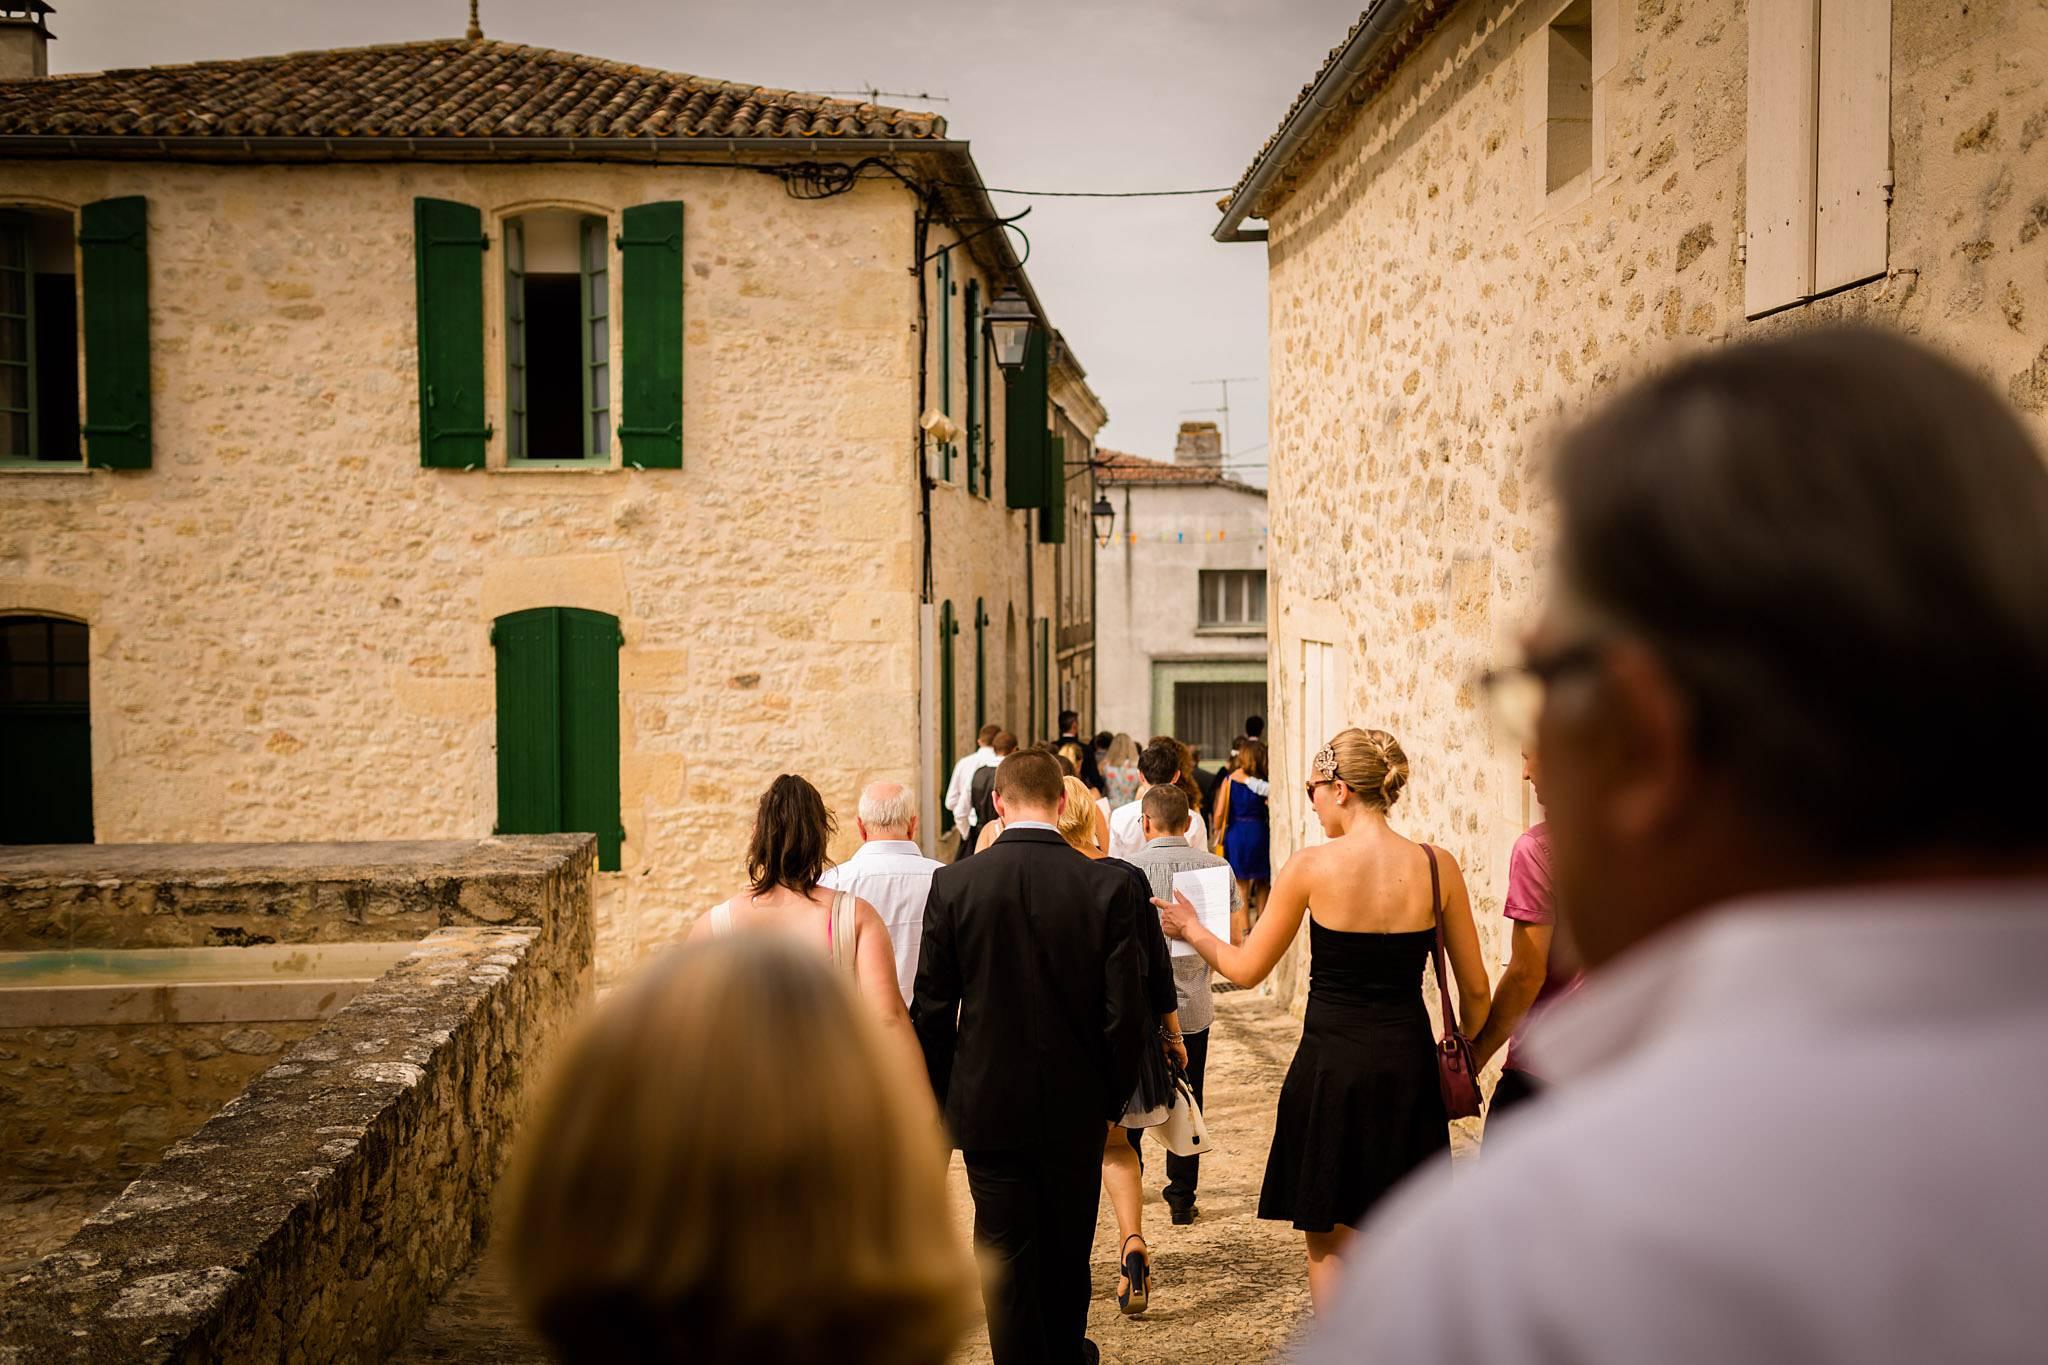 Un aperçu des photos du mariage de Mathilde et Adrien en Dordogne et en Gironde, à Sainte-Foy la Grande, Pellegrue, Lamothe Montravel au Château Vieux.